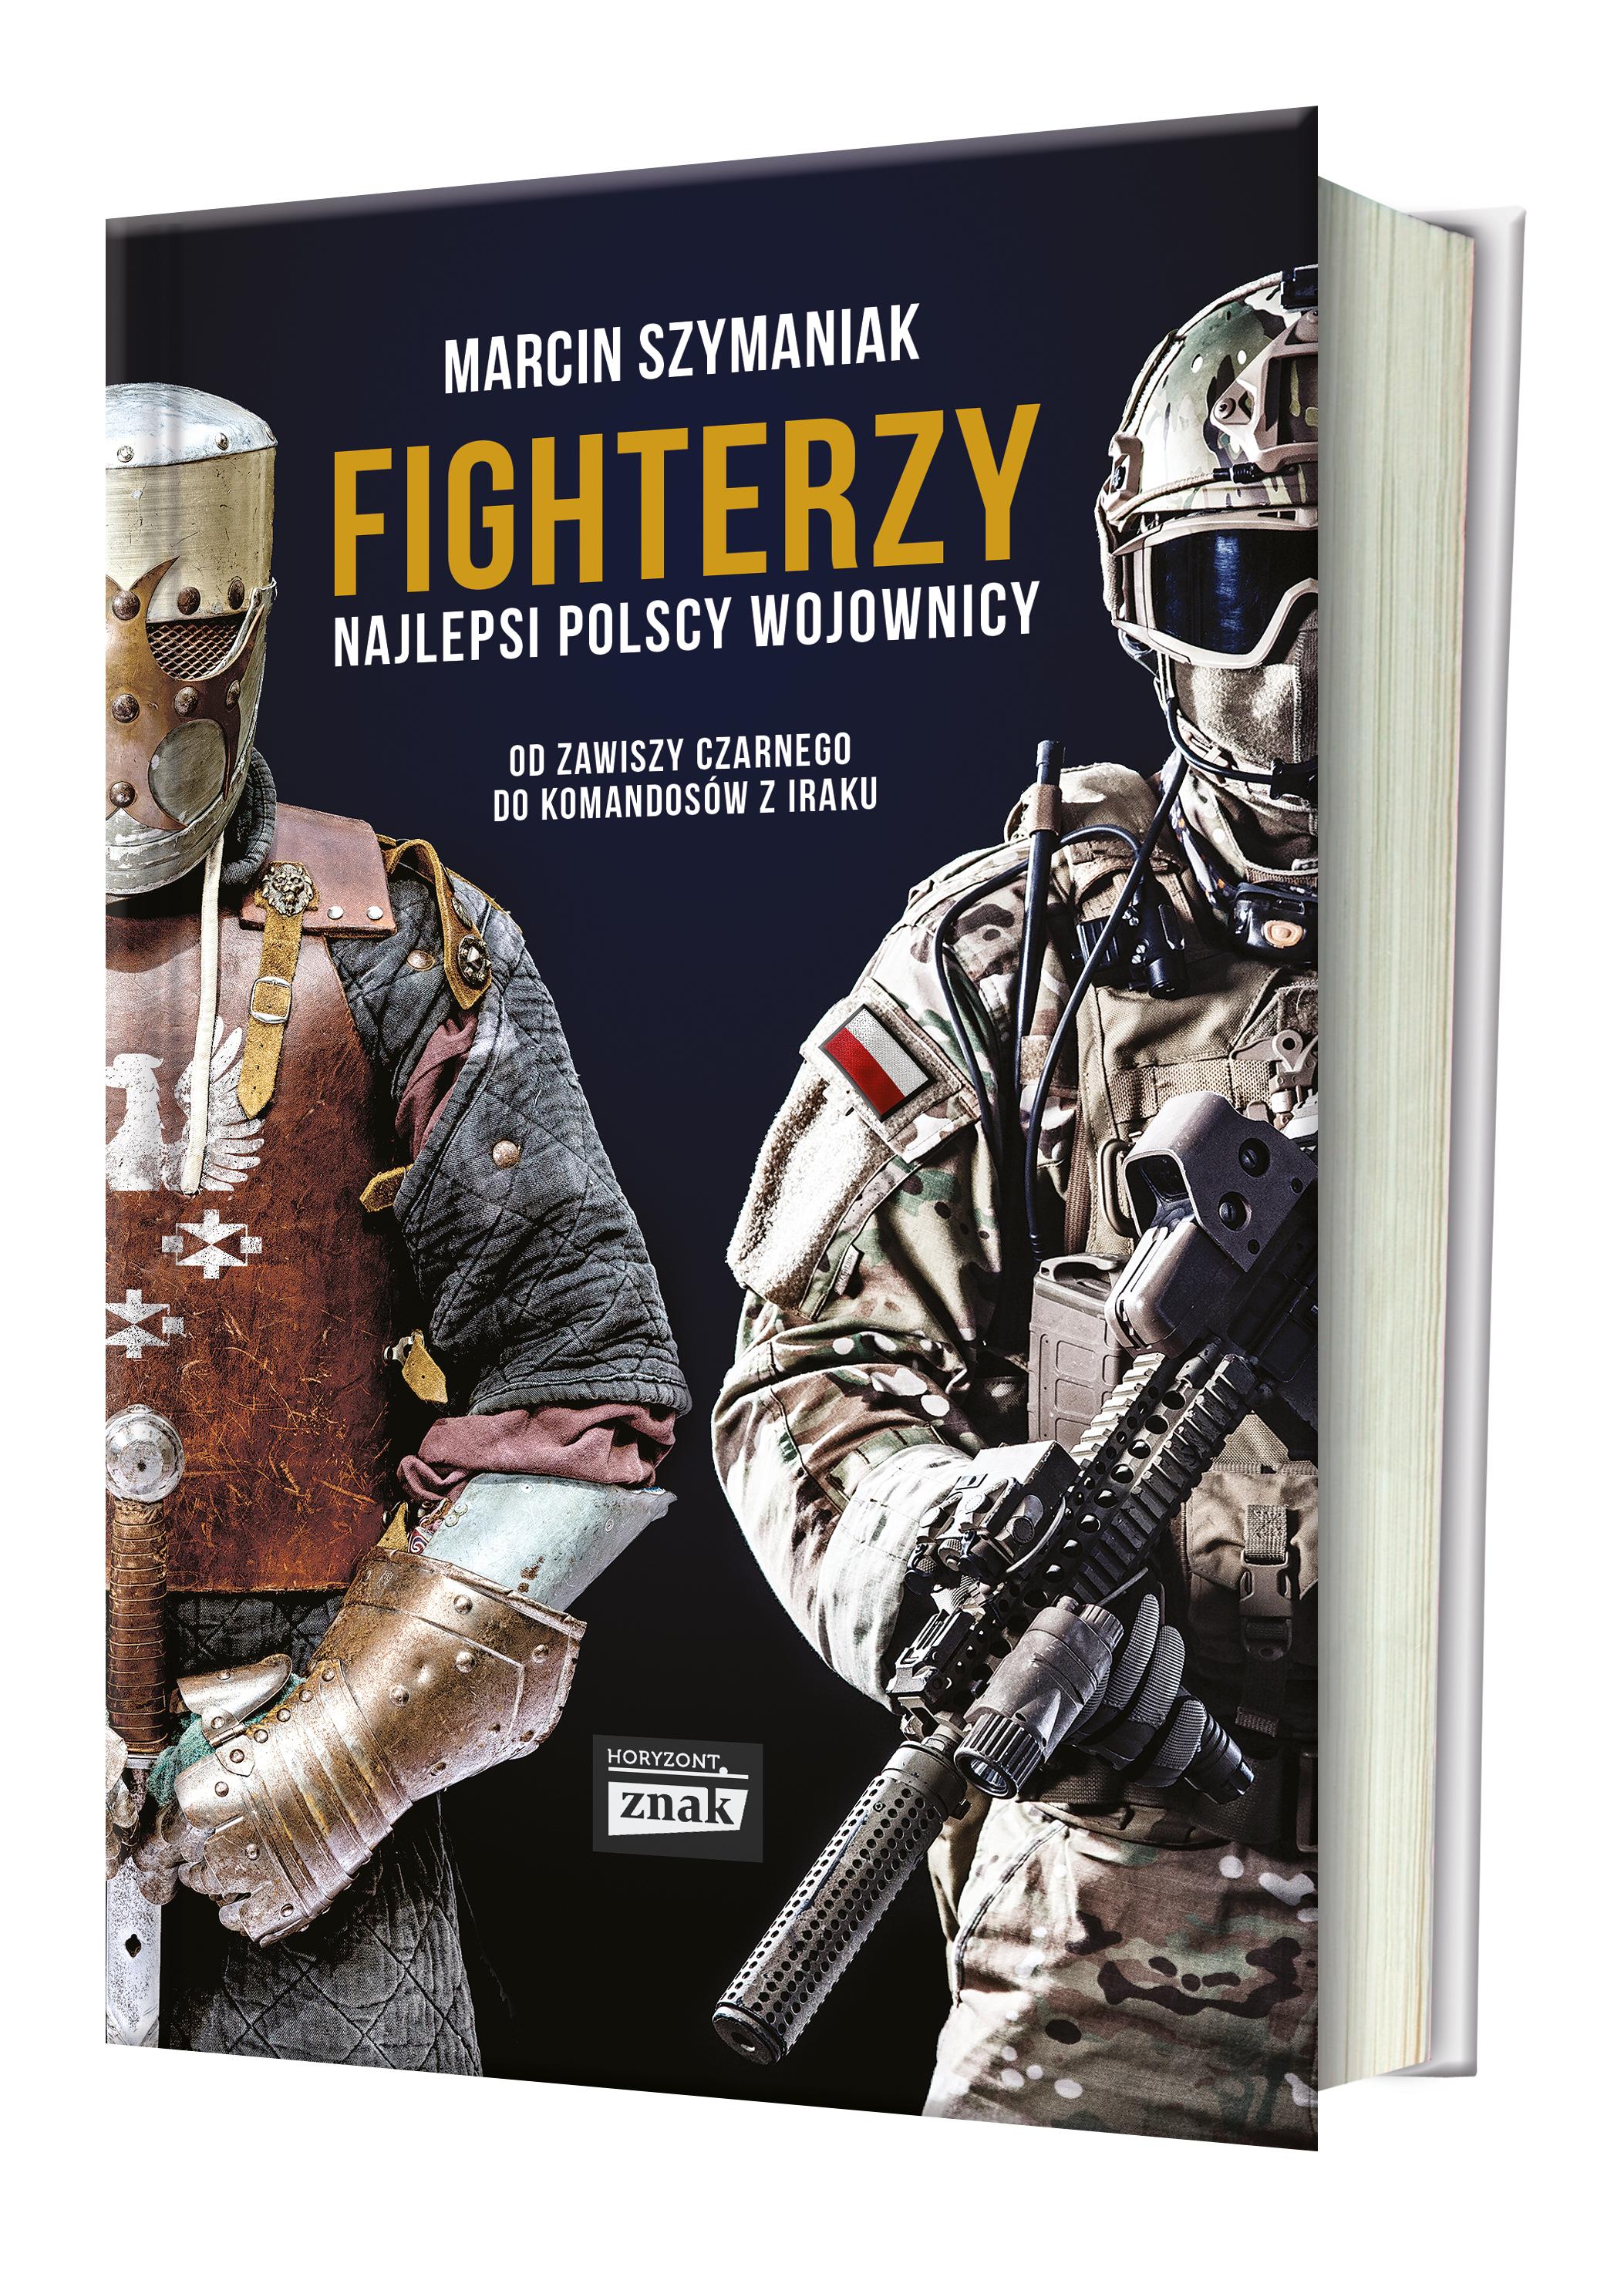 """Tekst powstał w oparciu o literaturę i materiały zebrane przez autora podczas prac nad książką pt. """"Fighterzy. Najlepsi polscy wojownicy"""" (Znak Horyzont 2017)."""